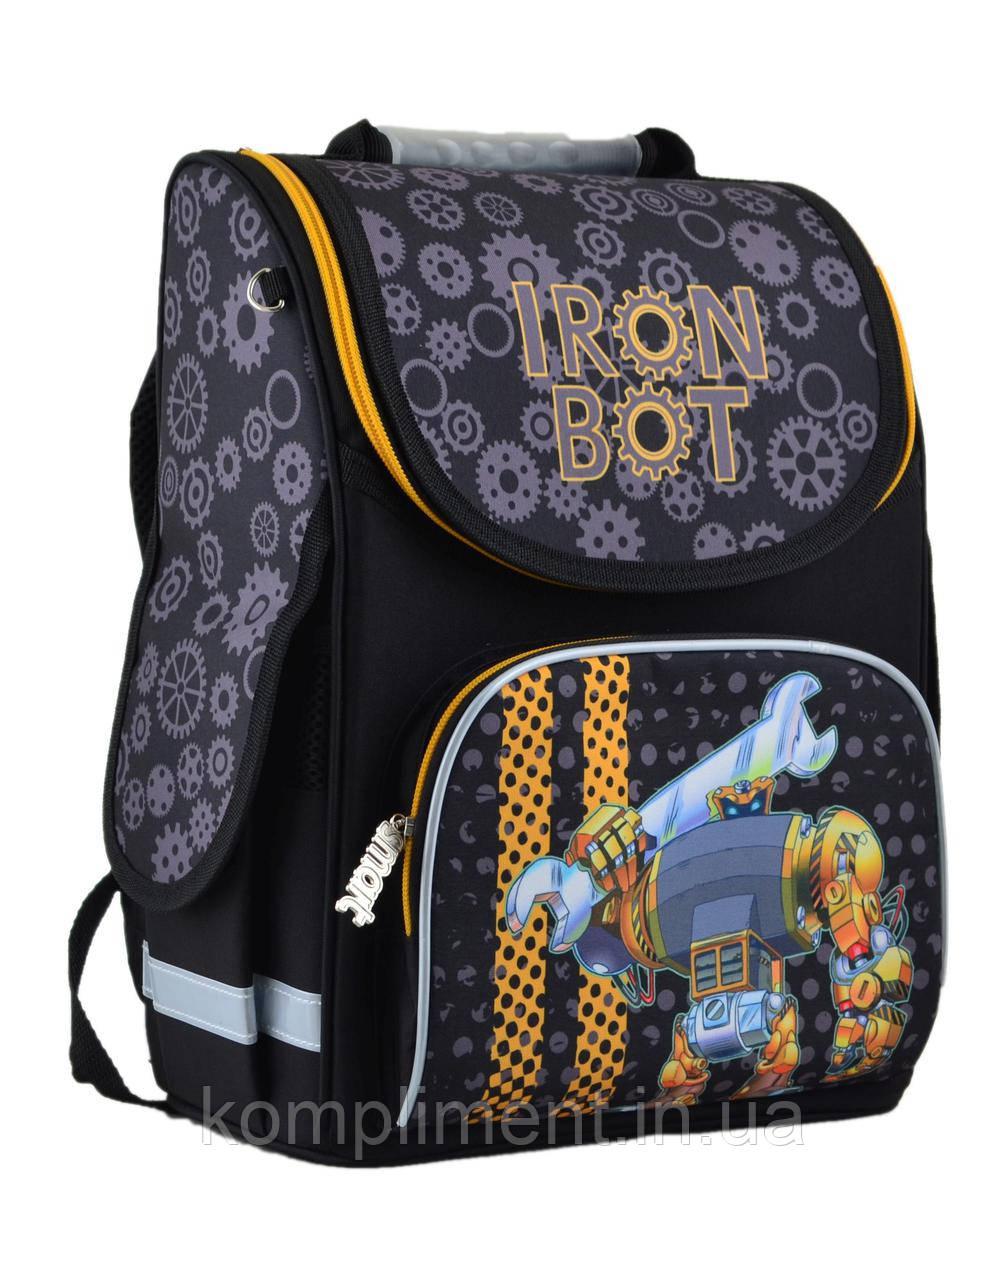 Рюкзак школьный каркасный ортопедический  PG-11 Iron bot, 31*26*14, SMART